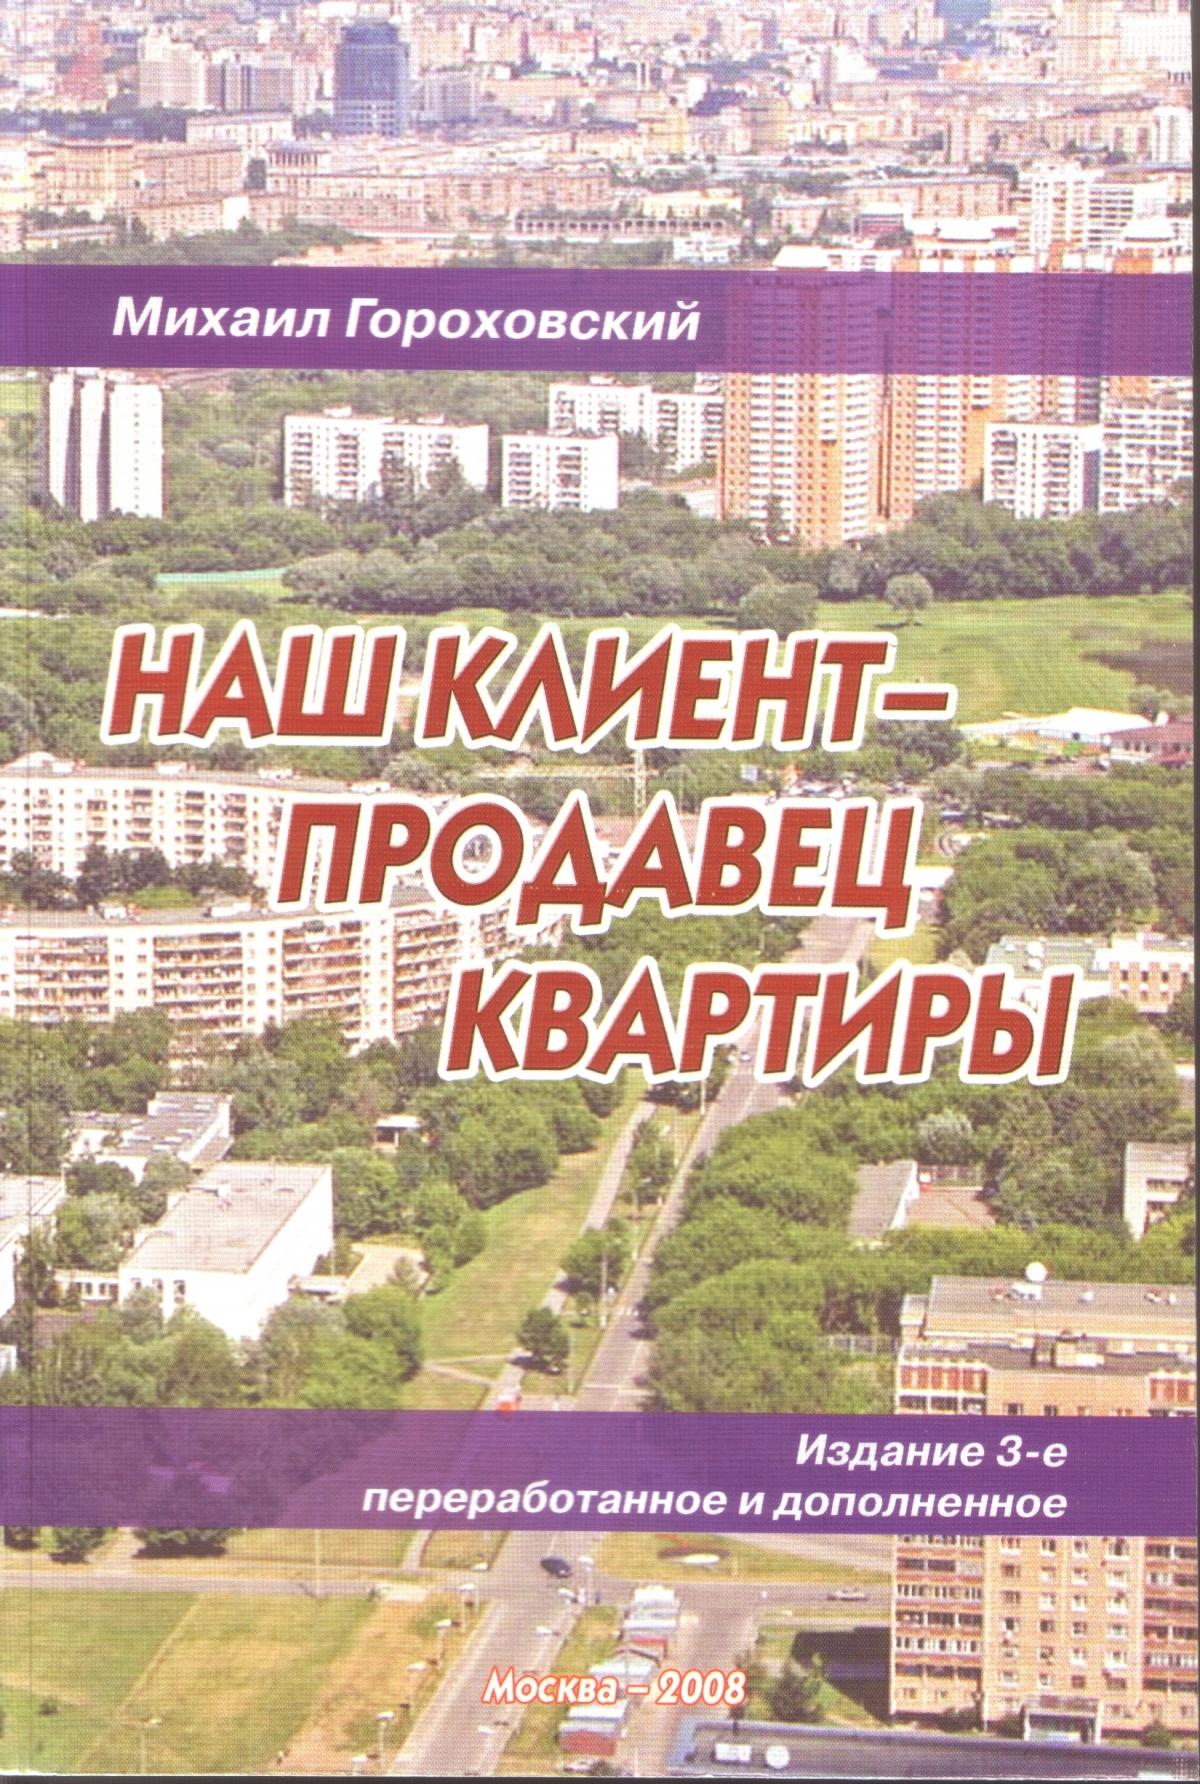 Обложка книги:  михаил гороховский - наш клиент - продавец квартиры.